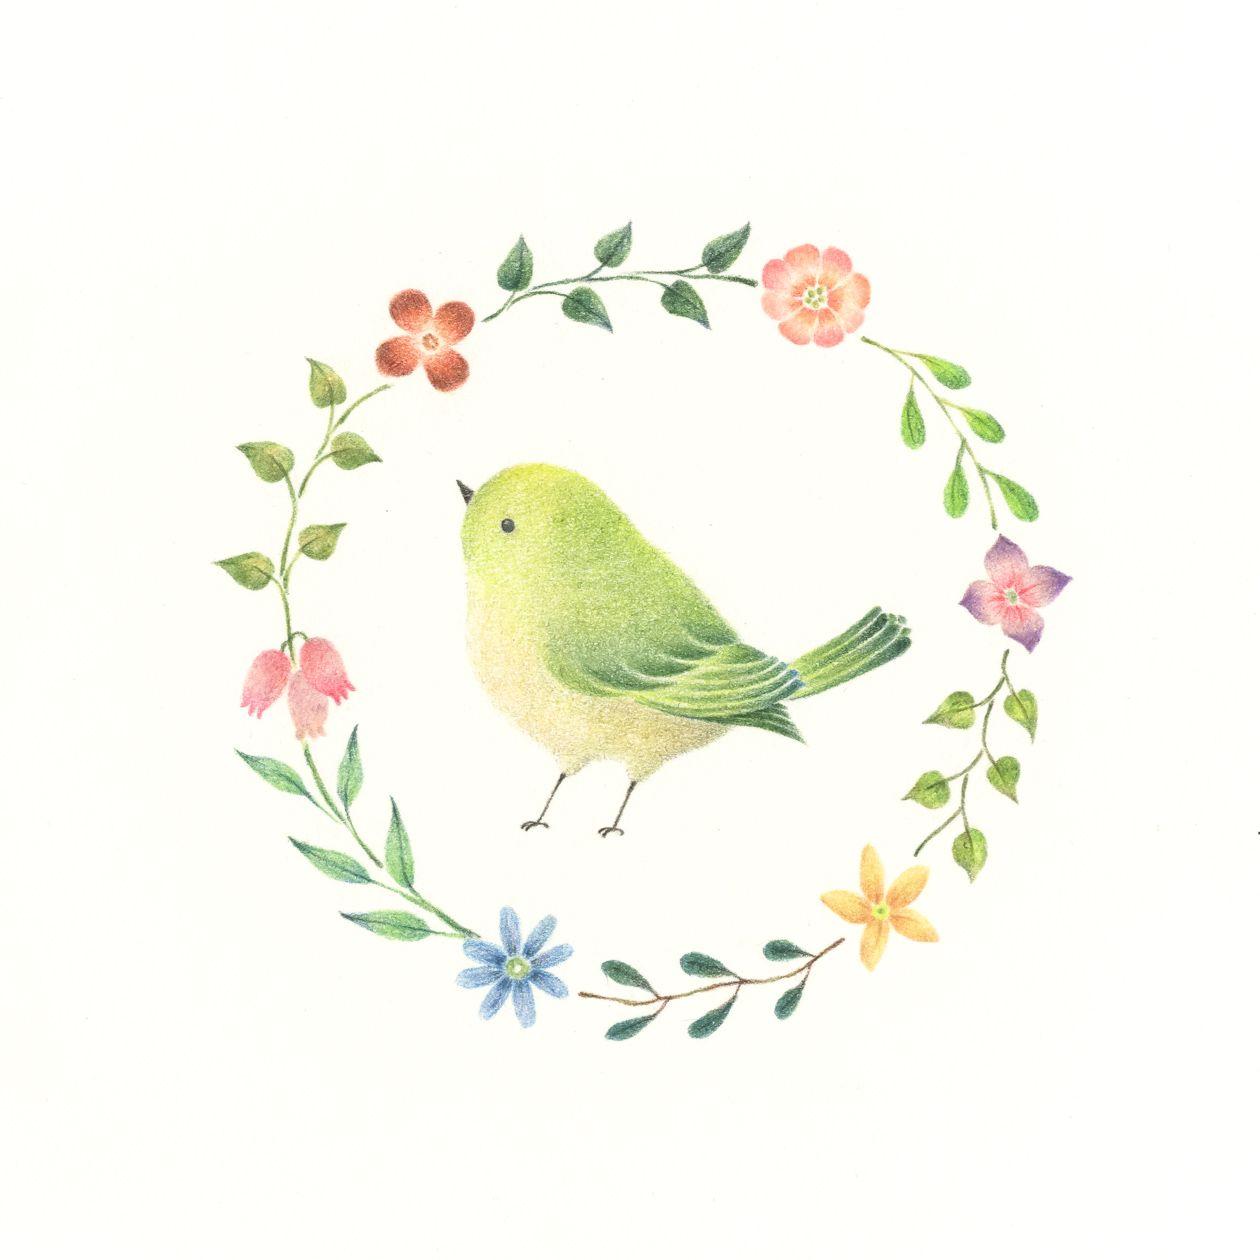 Atelier Rili Posts Tagged Illustrations 鳥 絵 赤ちゃんのイラスト 小鳥 イラスト